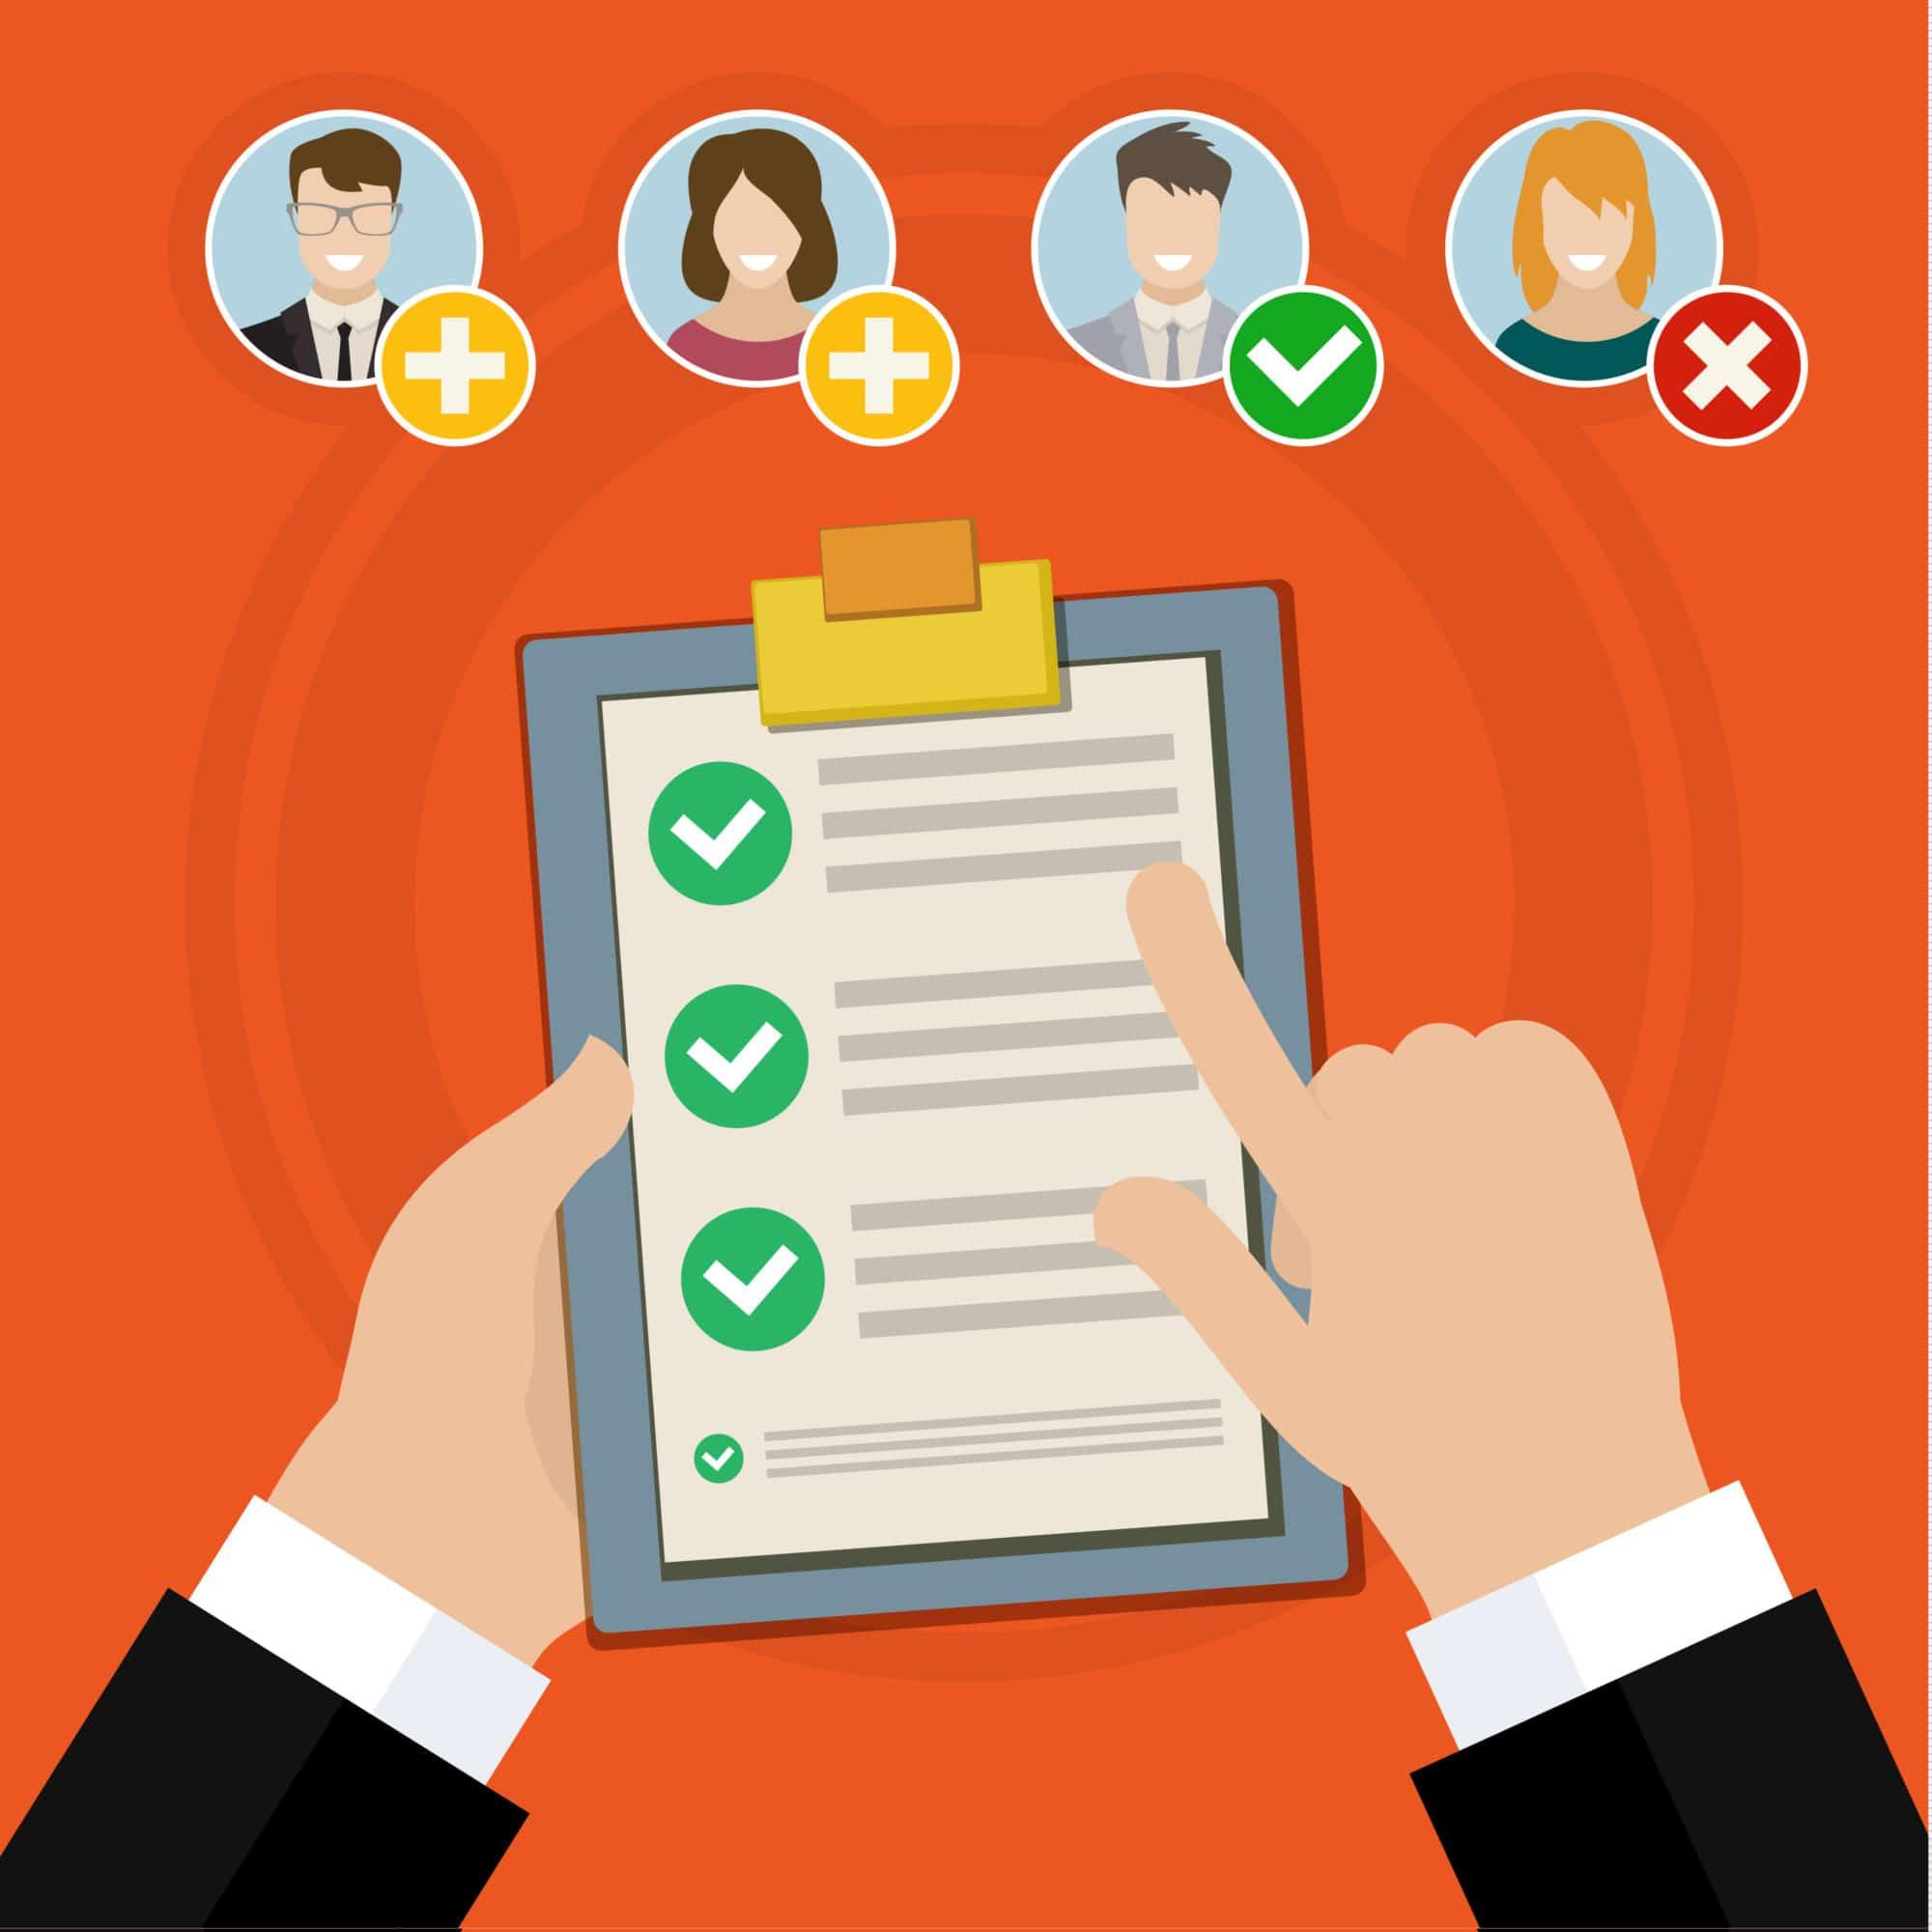 Làm sao để đánh giá kết quả thực hiện công việc của nhân viên tốt nhất? -  Trường doanh nhân BNI - BNI Business School